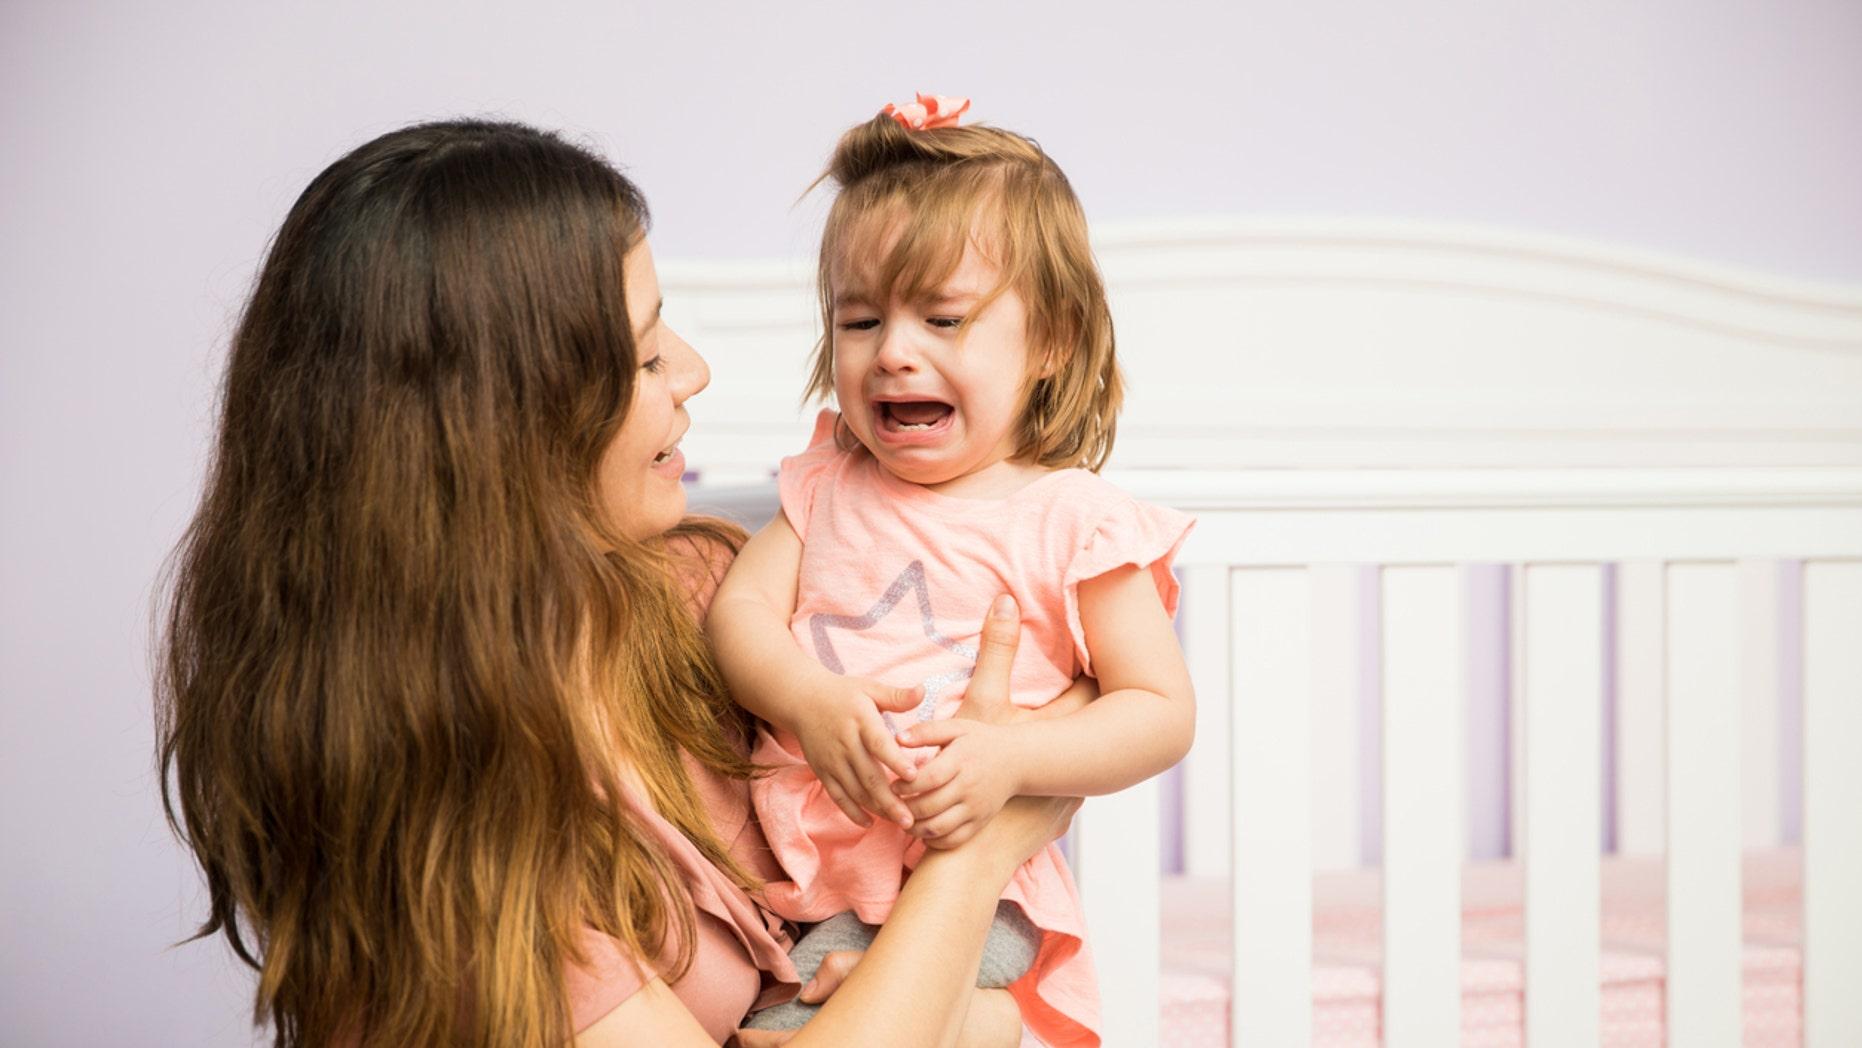 A list of babysitter demands is going viral.